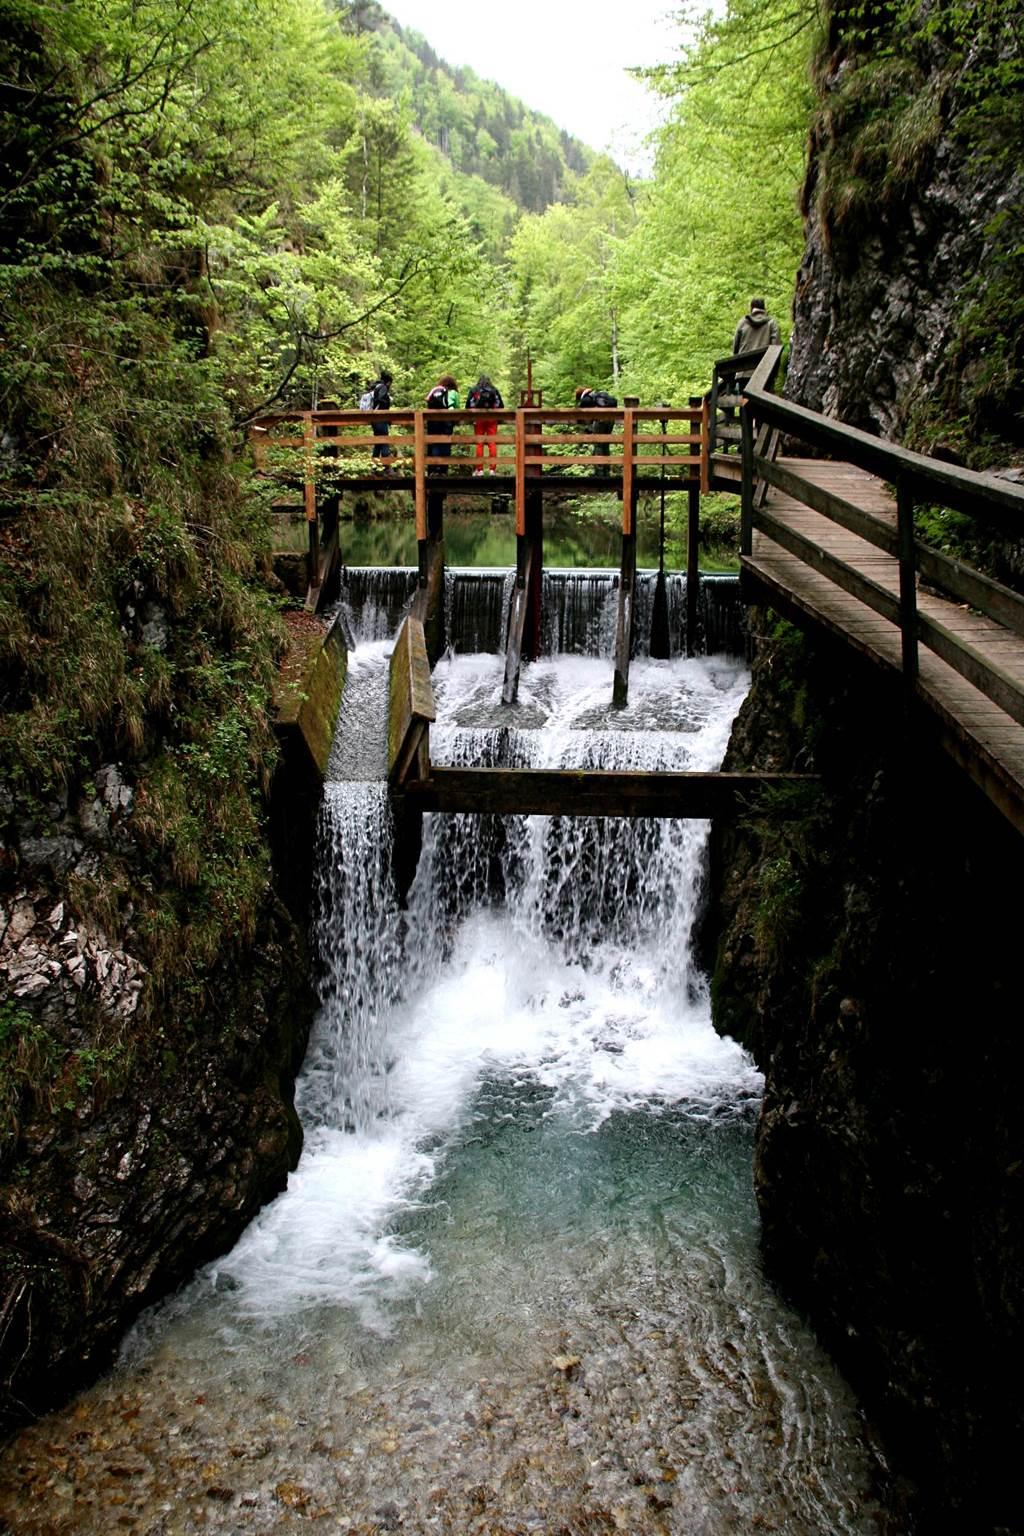 Mendlingtali szurdoktúra a Mendling folyó mentén Forrás: www.mozgasvilag.hu